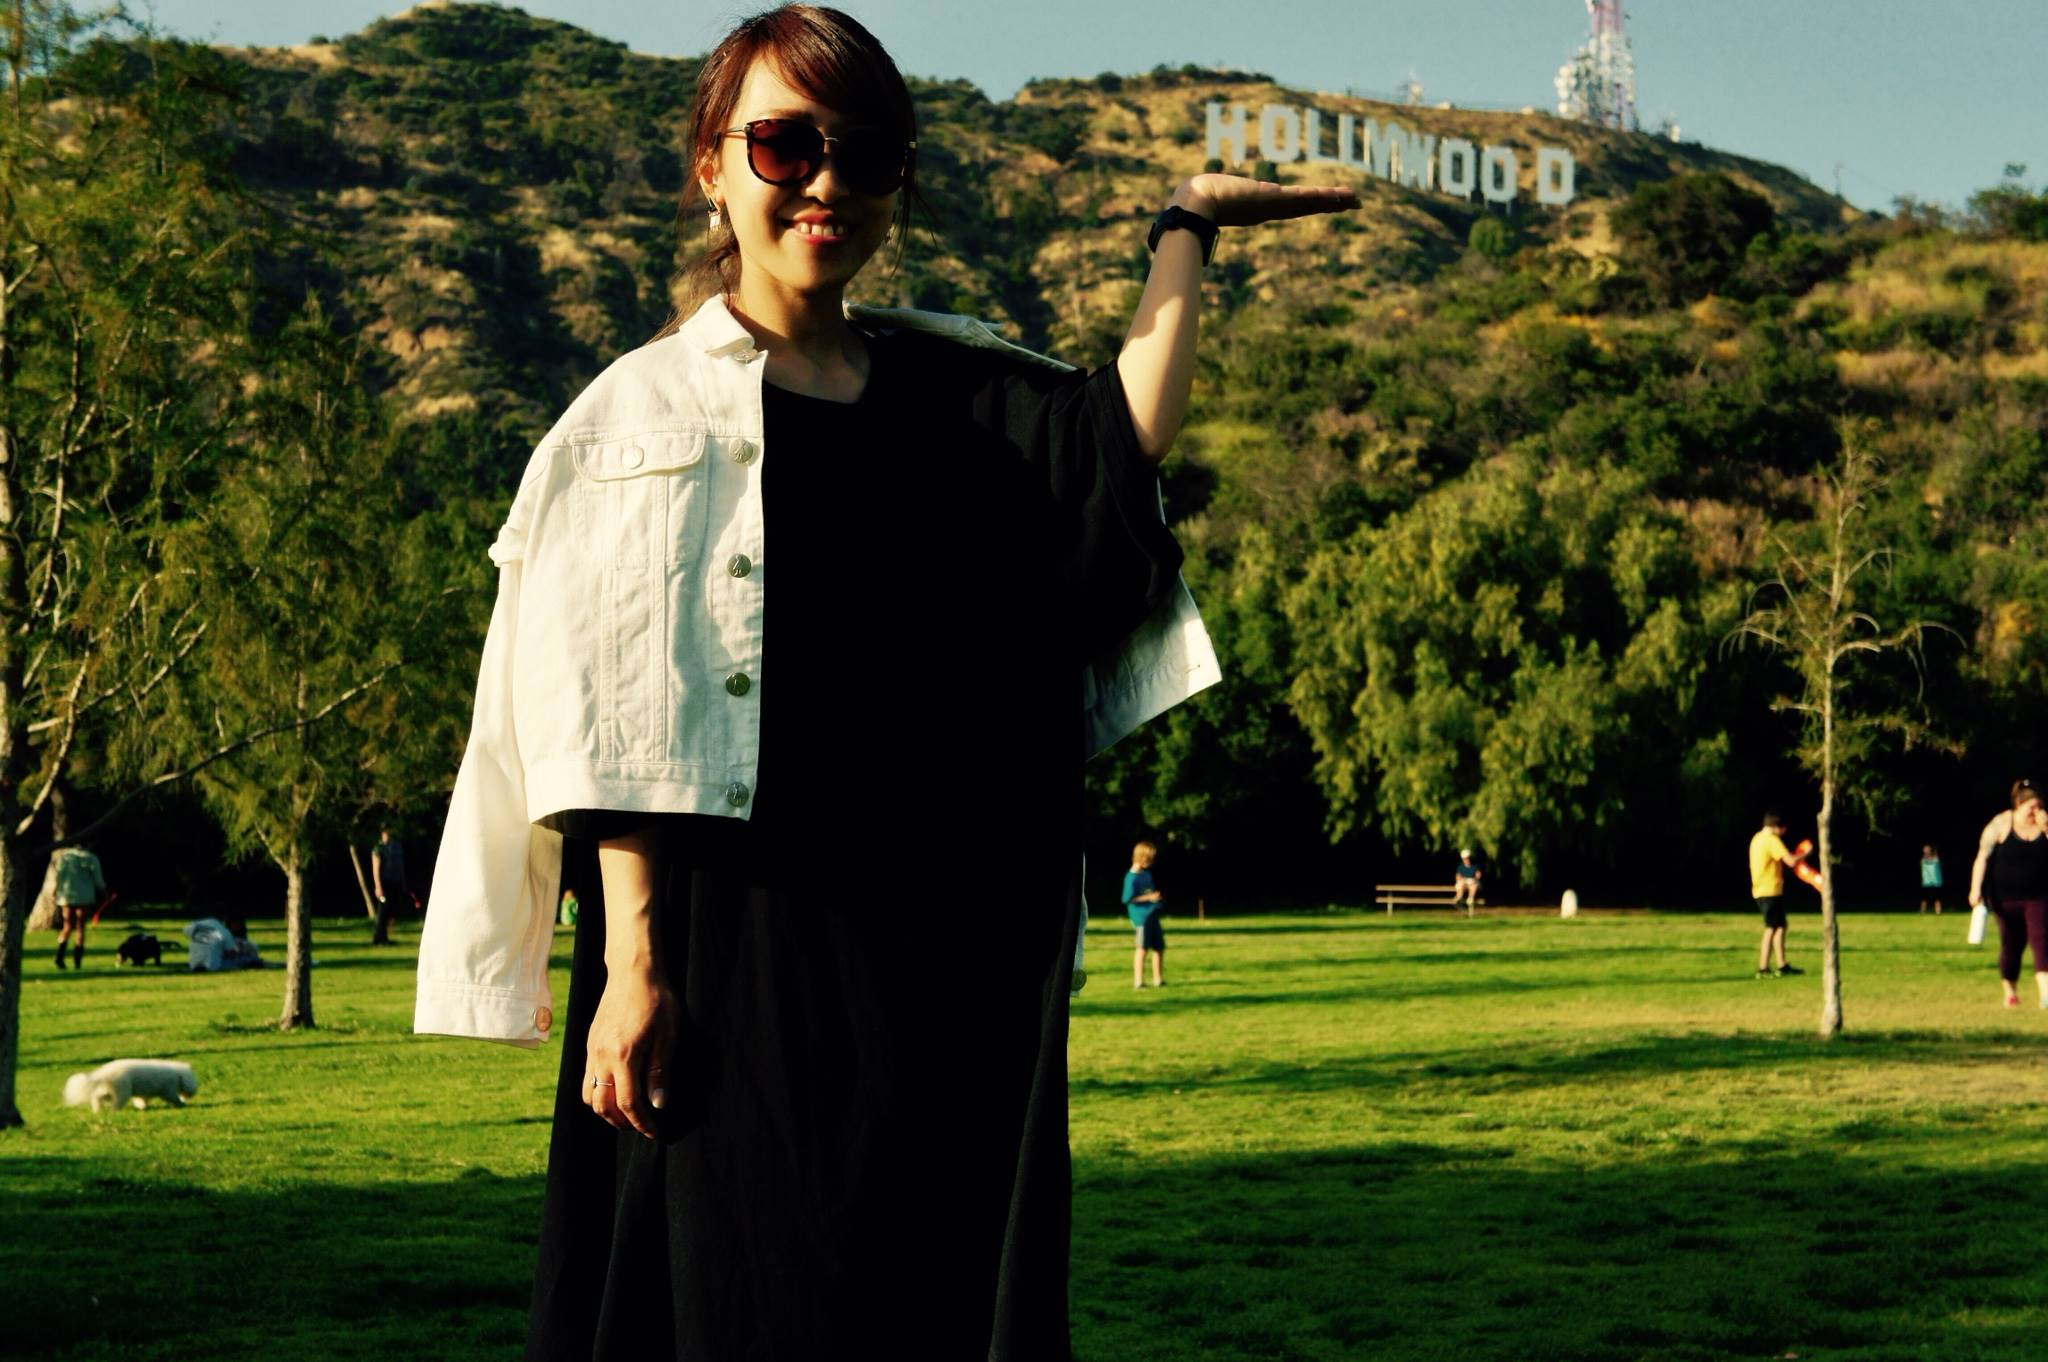 レイクハリウッドパーク ロサンゼルス